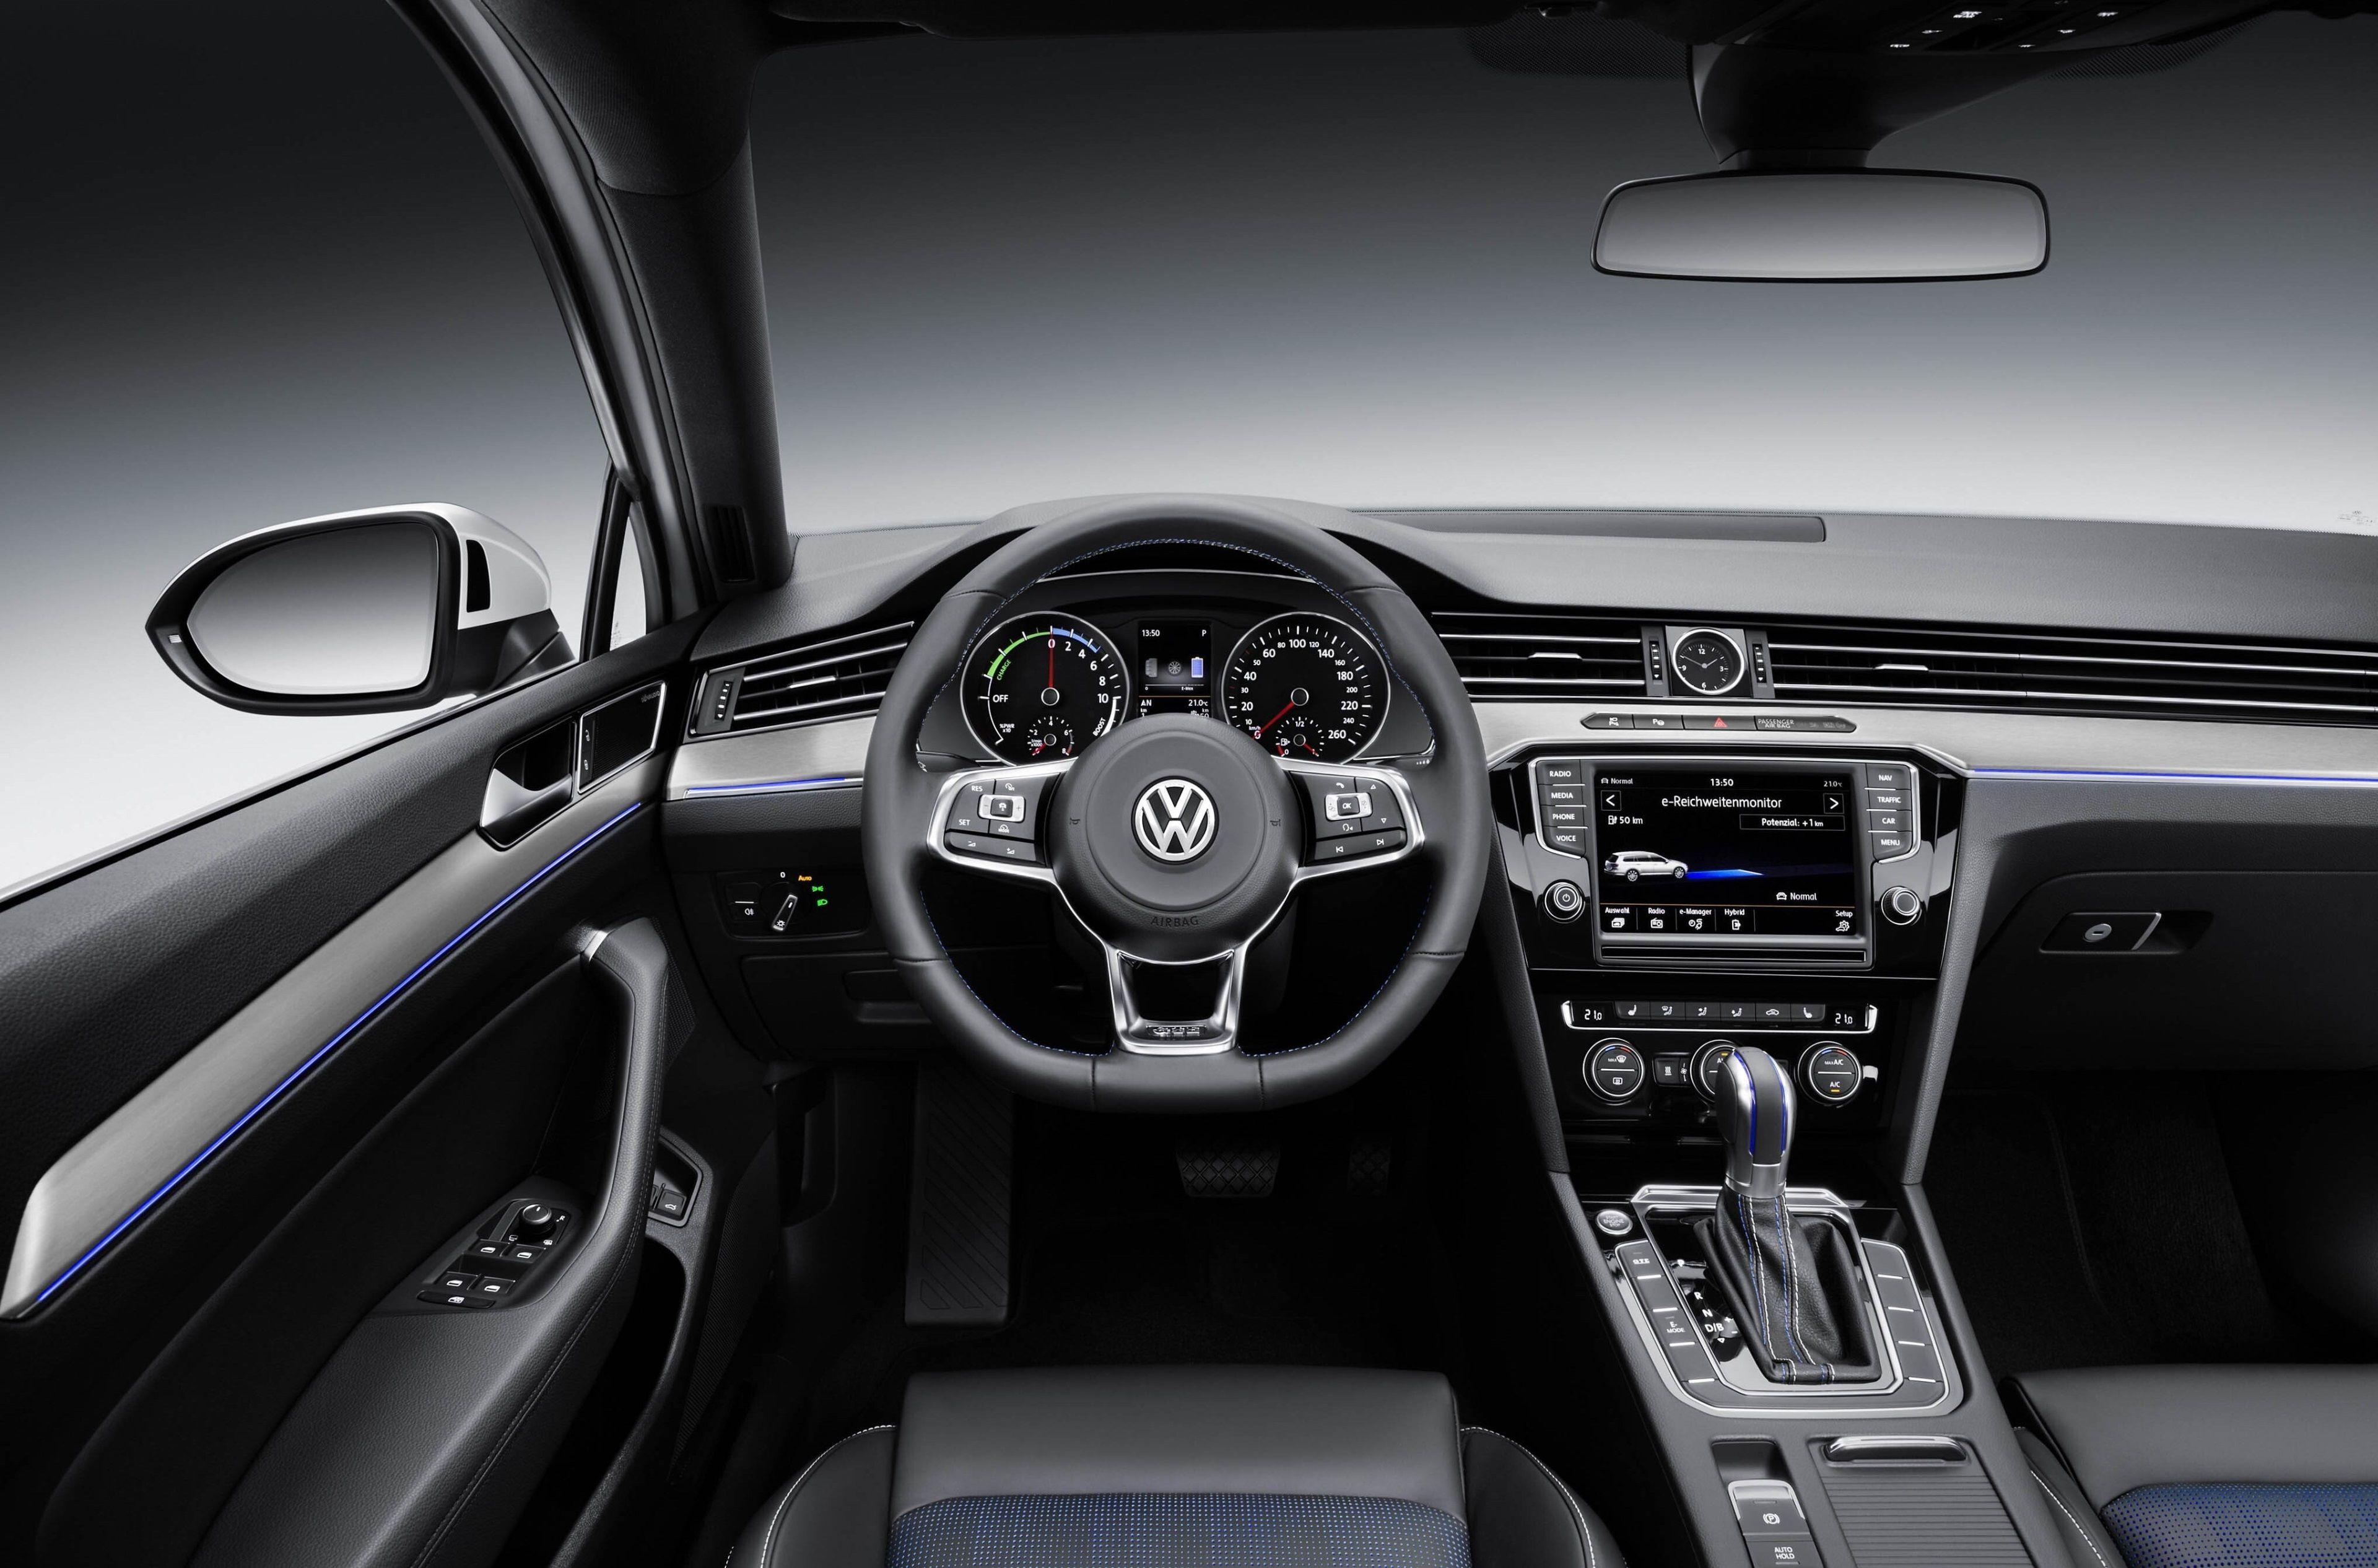 leasing hk volkswagen der variant tdi sportscombi neue exterior lease passat sixt vw produkt